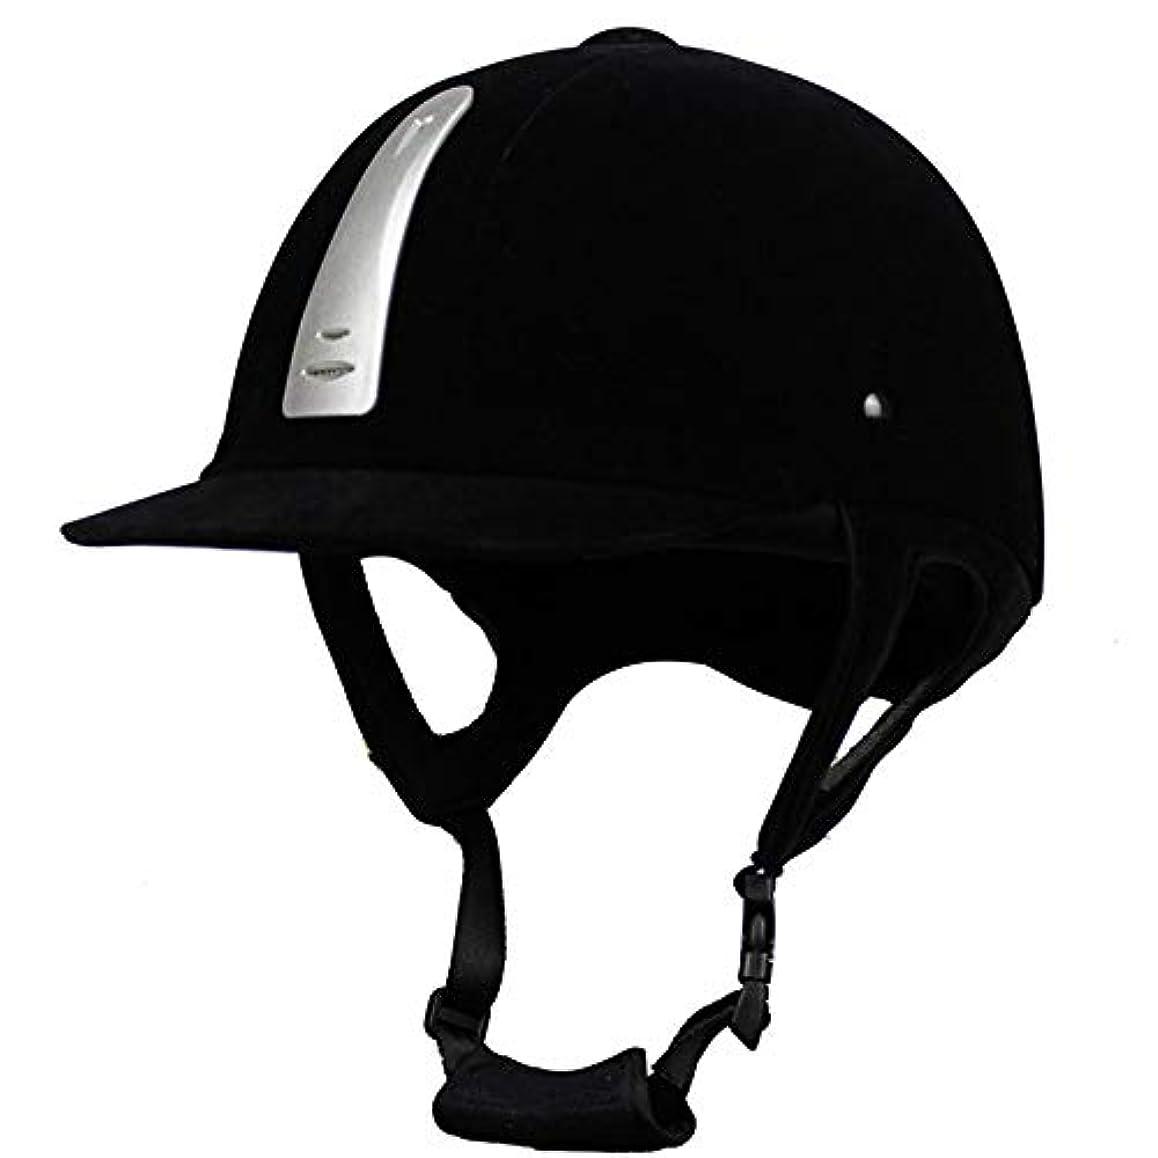 夕暮れ束ゲージQRY オートバイ 乗馬用ヘルメット乗馬用ヘルメットアウトドアスポーツ馬用ヘルメット乗馬用品ブラックユニバーサル 幸せな生活 (色 : Black 1, Size : L)